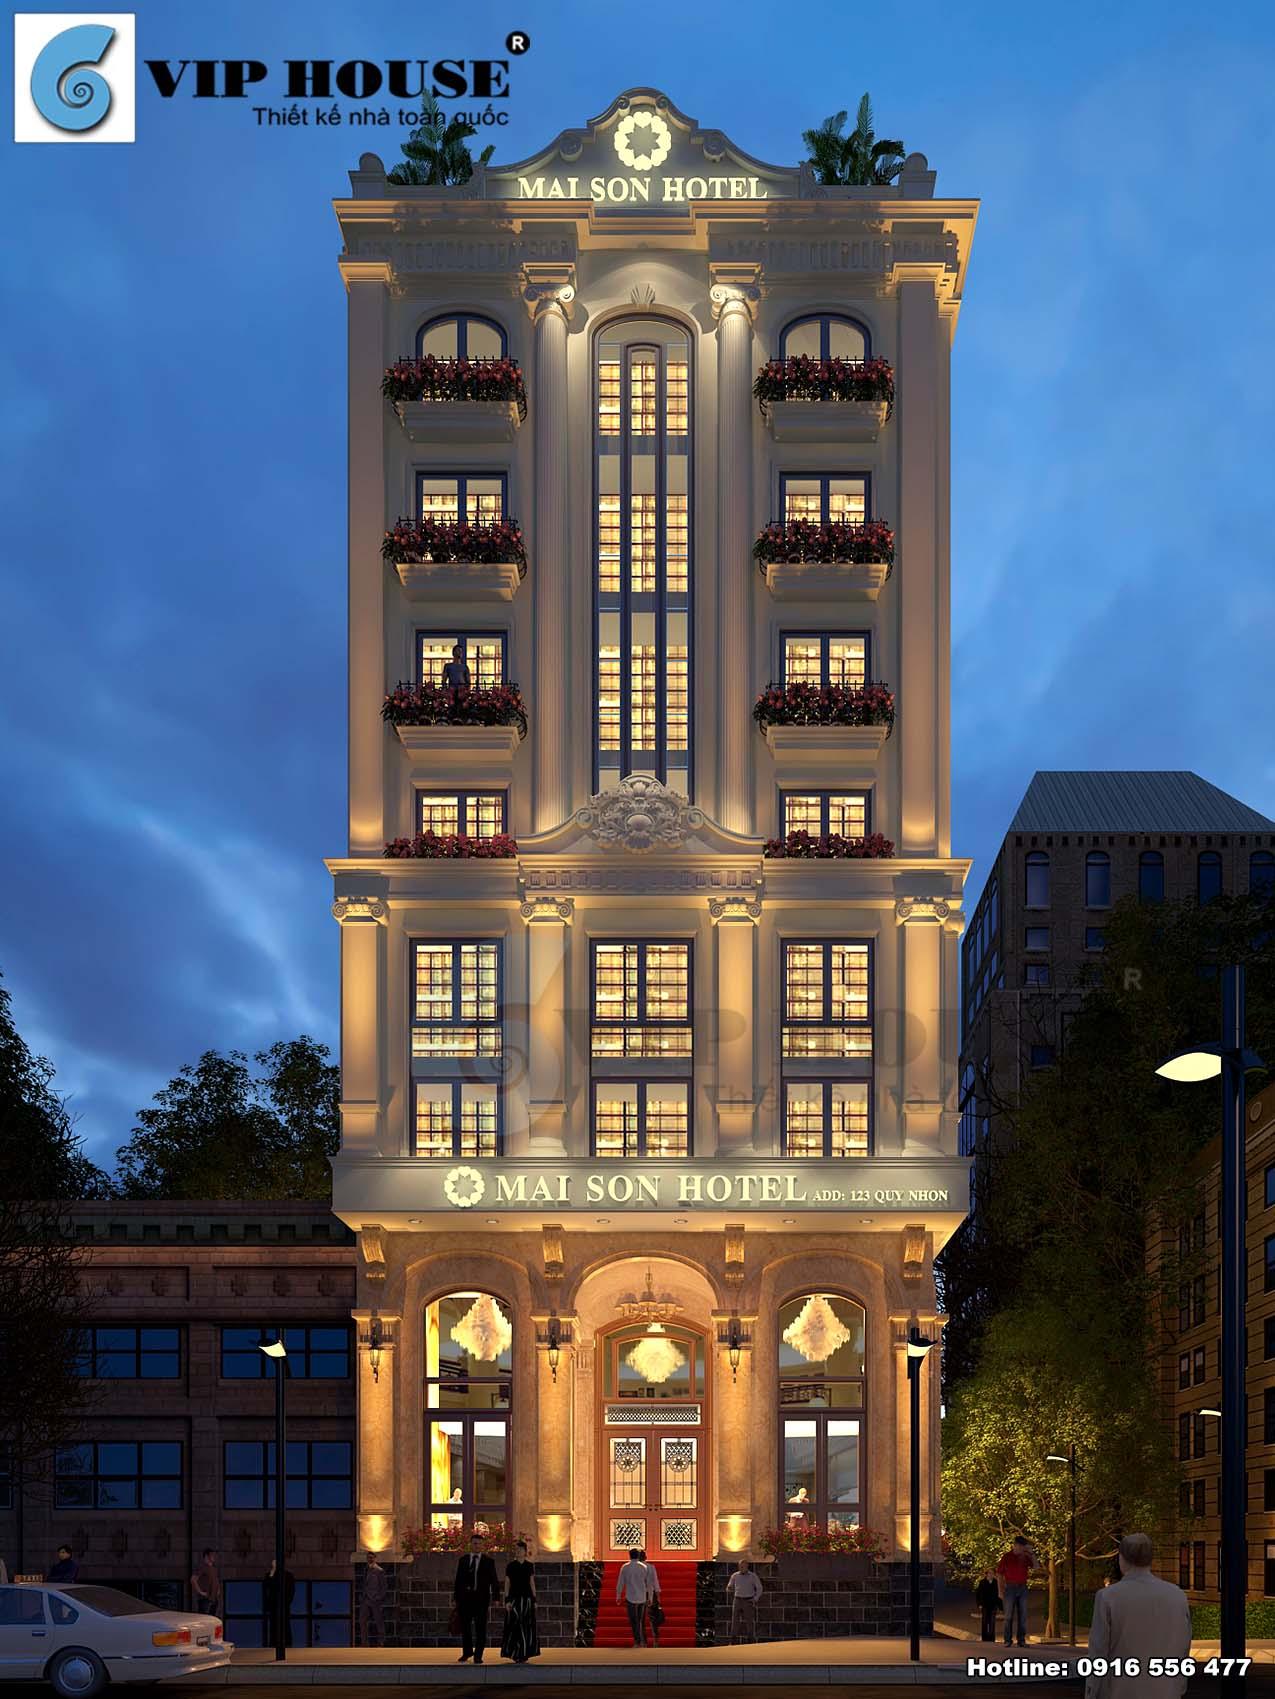 Hình ảnh: Phối cảnh về đêm đẹp lung linh, điểm tô thêm sức hấp dẫn cho ngoại thất khách sạn 9 tầng